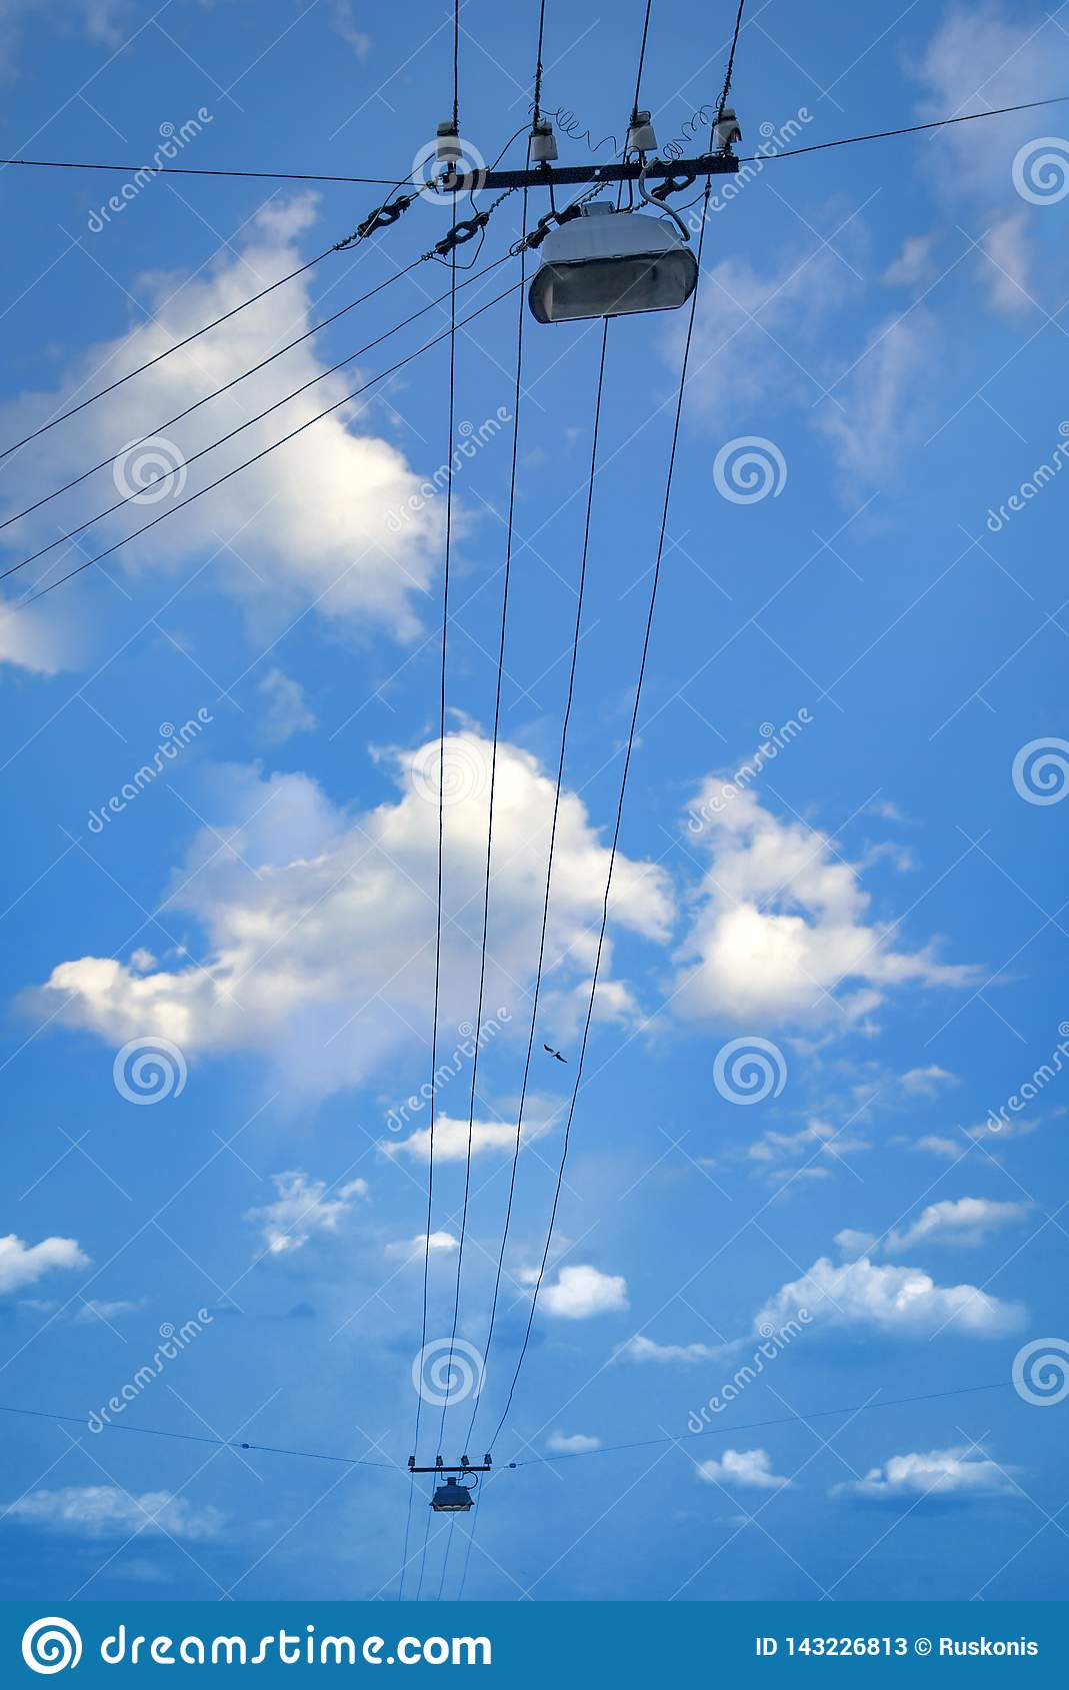 与路灯到底的电线在天空蔚蓝背景中